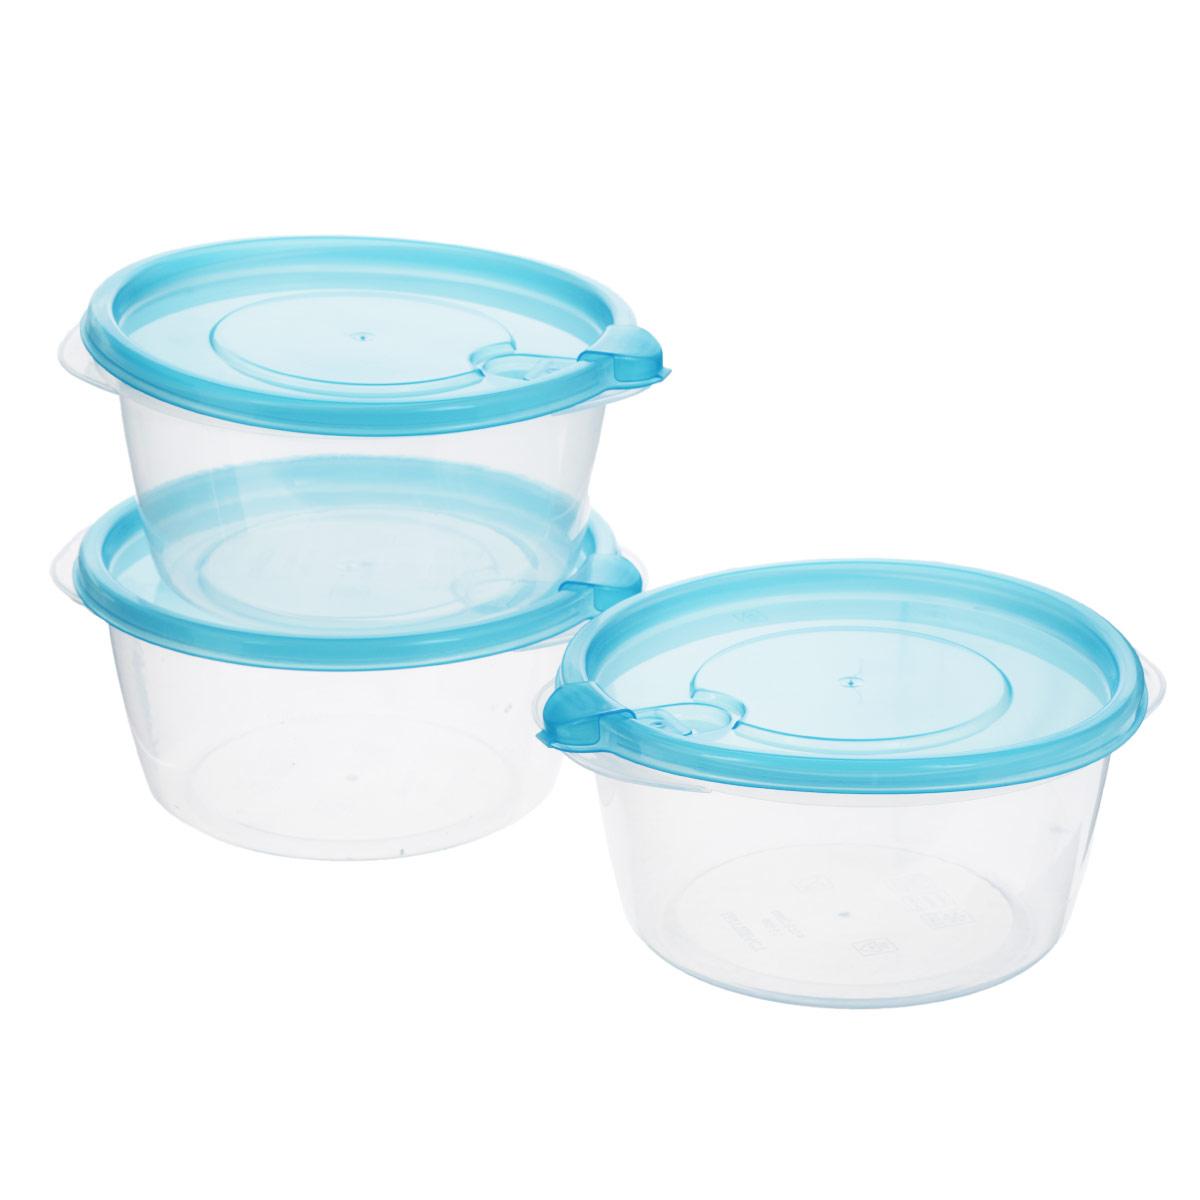 Комплект контейнеров для хранения продуктов Бытпласт Фрэш, 0,75 л, 3 шт. С11522VT-1520(SR)Контейнеры Бытпласт Фрэш предназначены для хранения пищевых продуктов и не только. Они выполнен из высококачественного полипропилена и не содержат Бисфенол А. Крышка легко и плотно закрывается. Контейнер устойчив к воздействию масел и жиров, легко моется. Подходит для использования в микроволновых печах, выдерживает хранение в морозильной камере при температуре -24 градуса.Пищевые контейнеры необыкновенно удобны: в них можно брать еду на работу, за город, ребенку в школу. Именно поэтому они обретают все большую популярность.